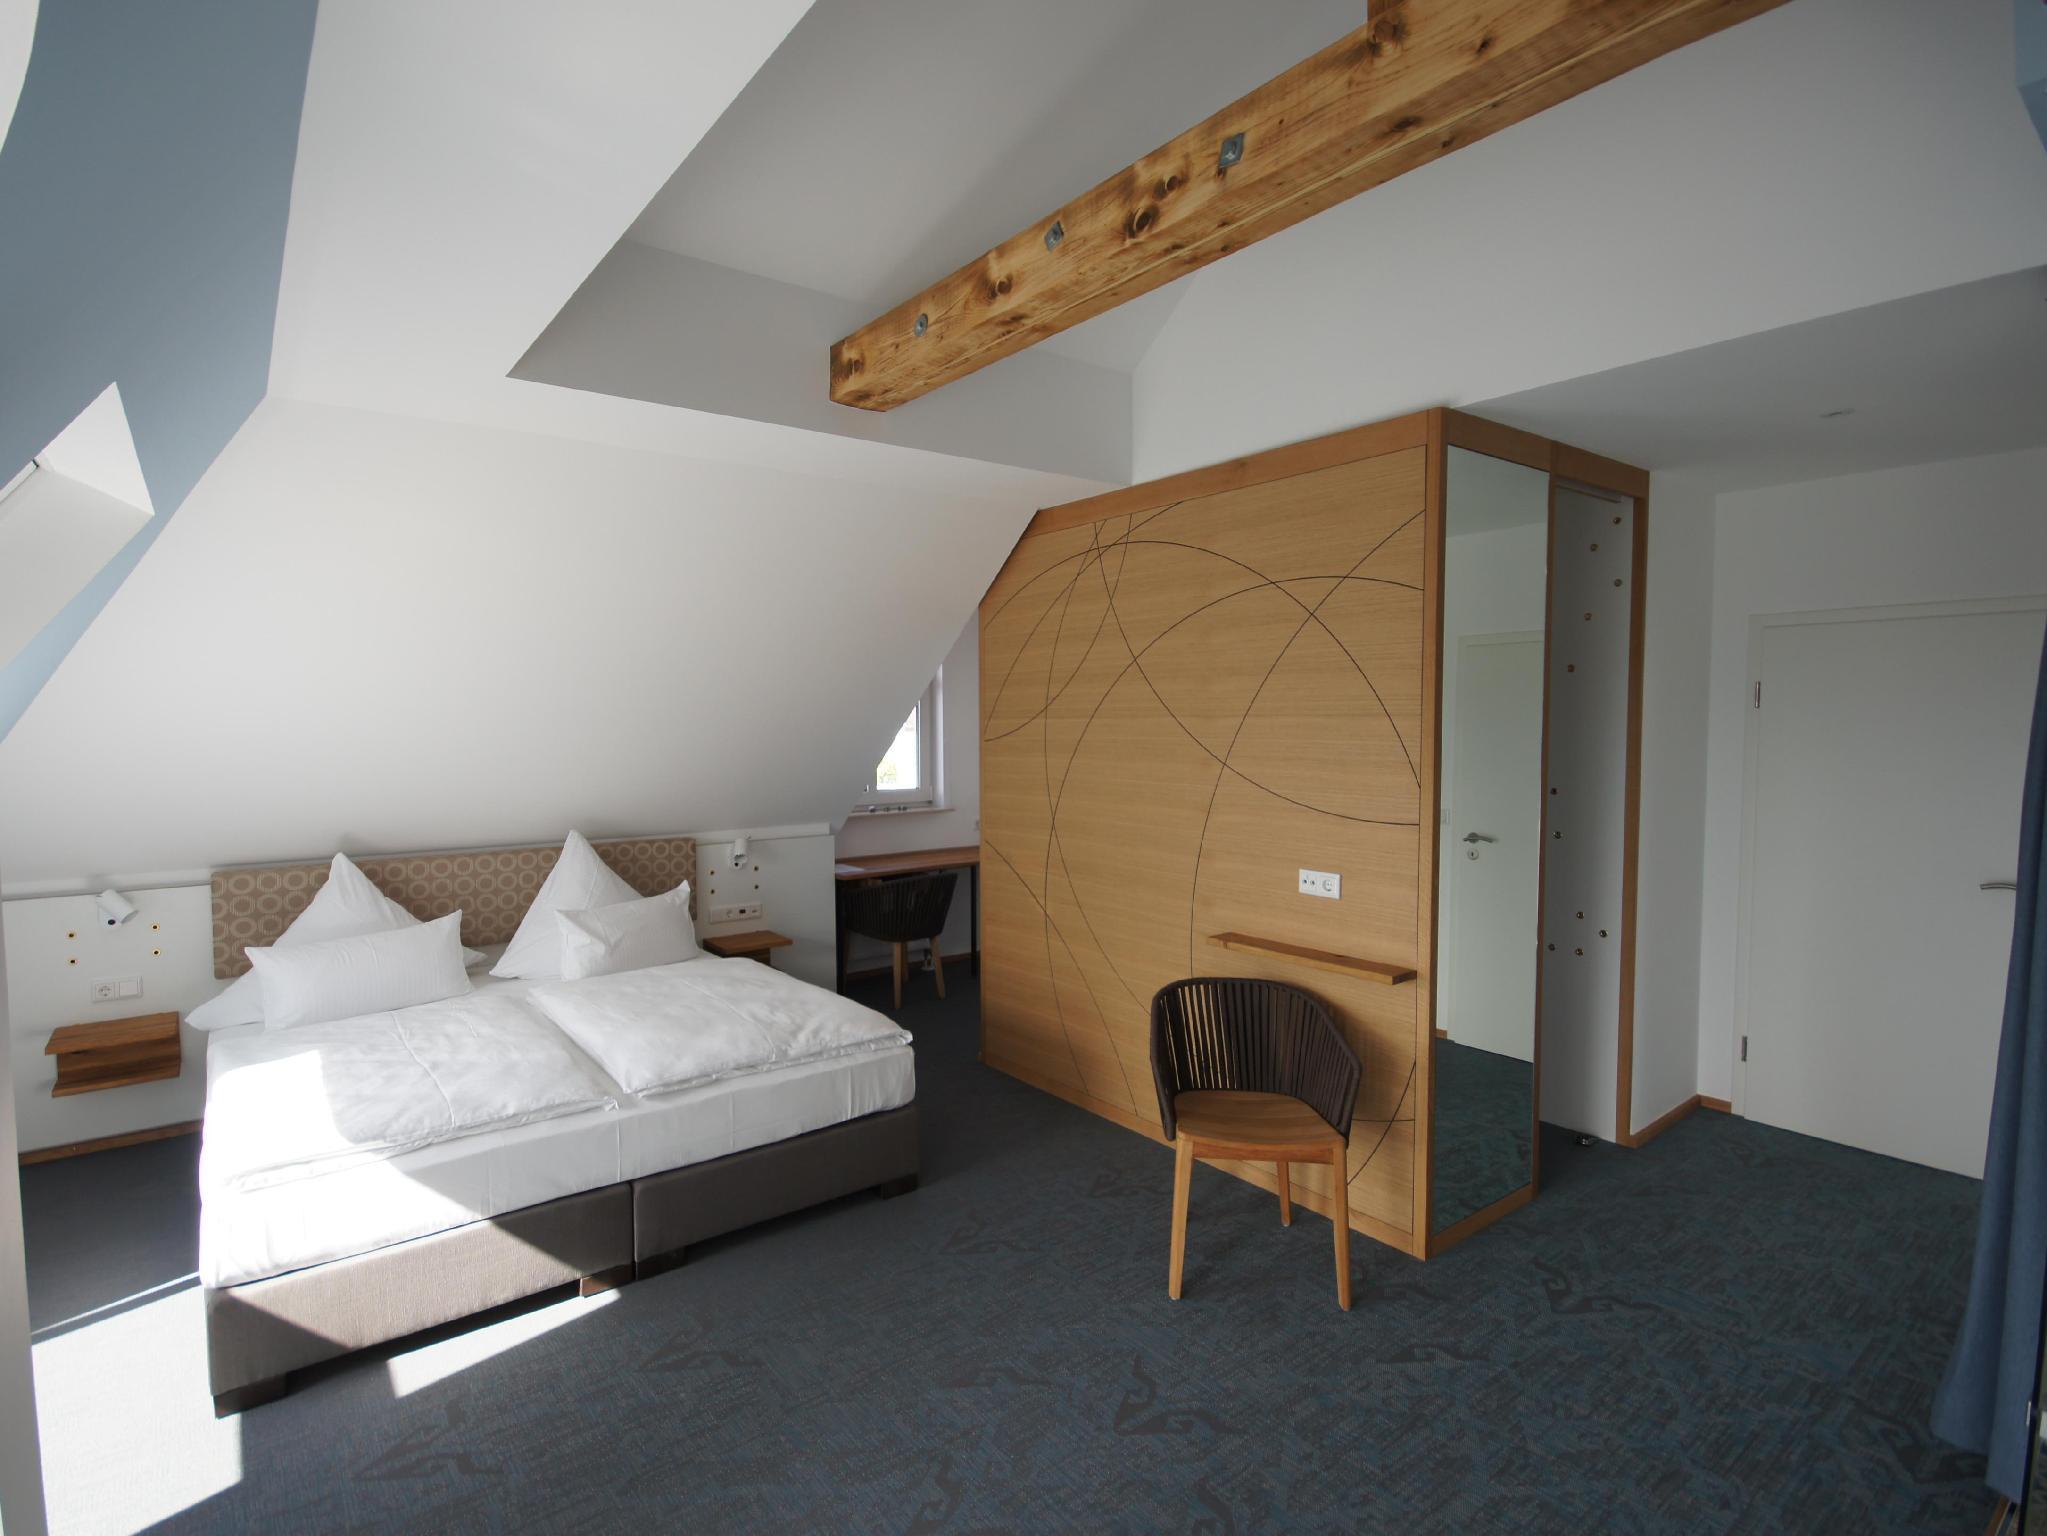 Hotel Restaurant Cafe Schoene Aussicht In Frankfurt Am Main Room